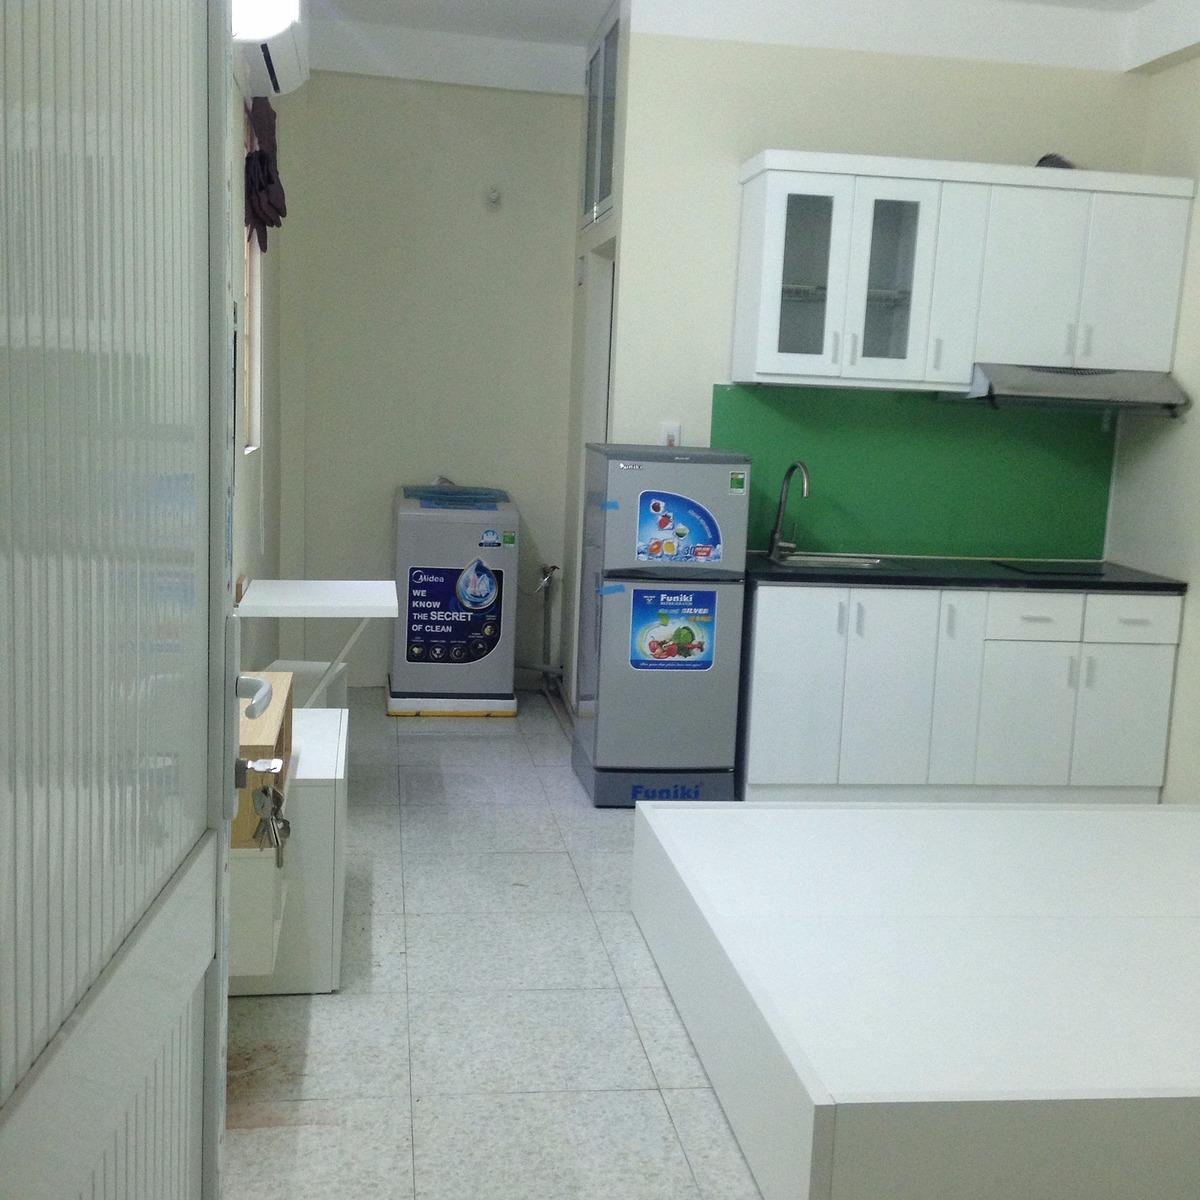 Cho thuê căn hộ chung cư tại Khu đô thị Mễ Trì, Nam Từ Liêm, Hà Nội diện tích từ 25-45m2 20175c796c0a-67f5-4214-9522-5b080fc80ad3